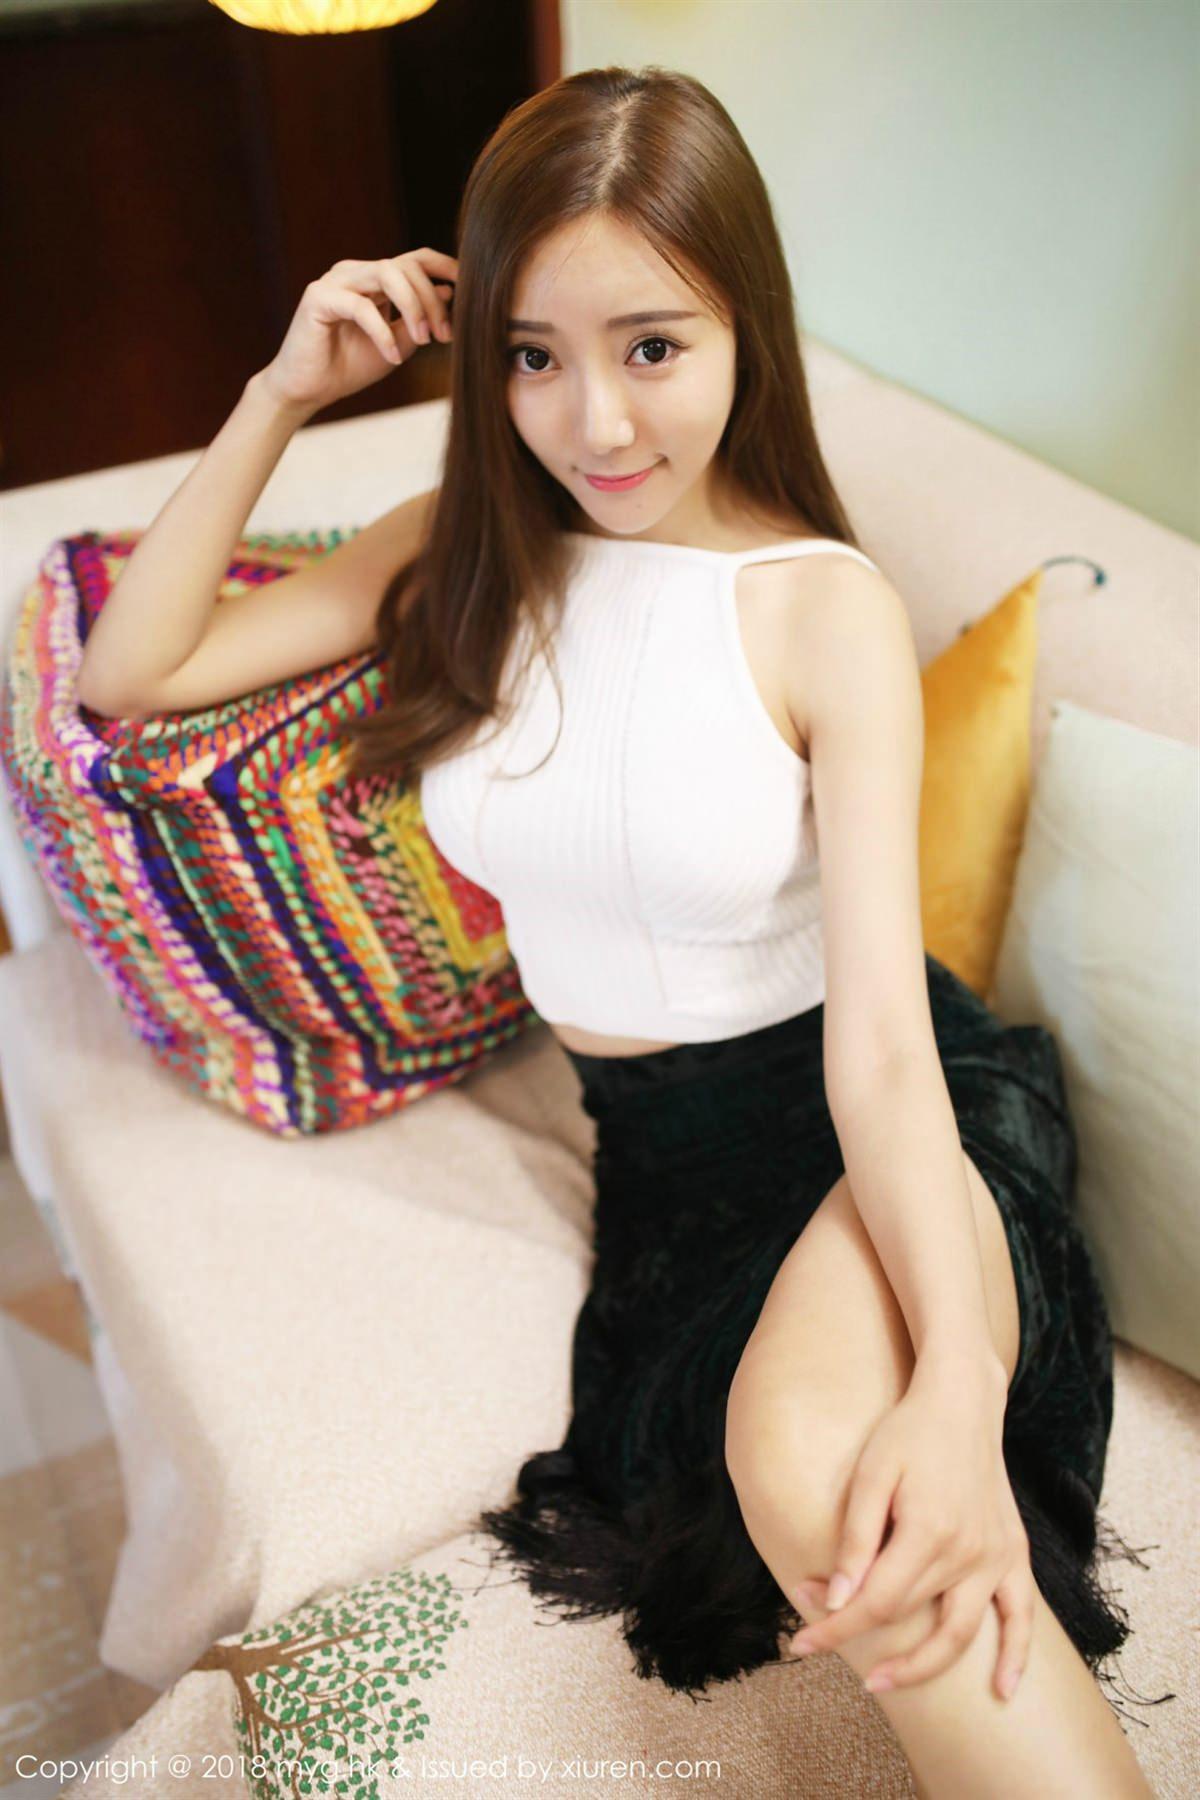 MyGirl Vol.293 30P, mygirl, Wang Xin Yao